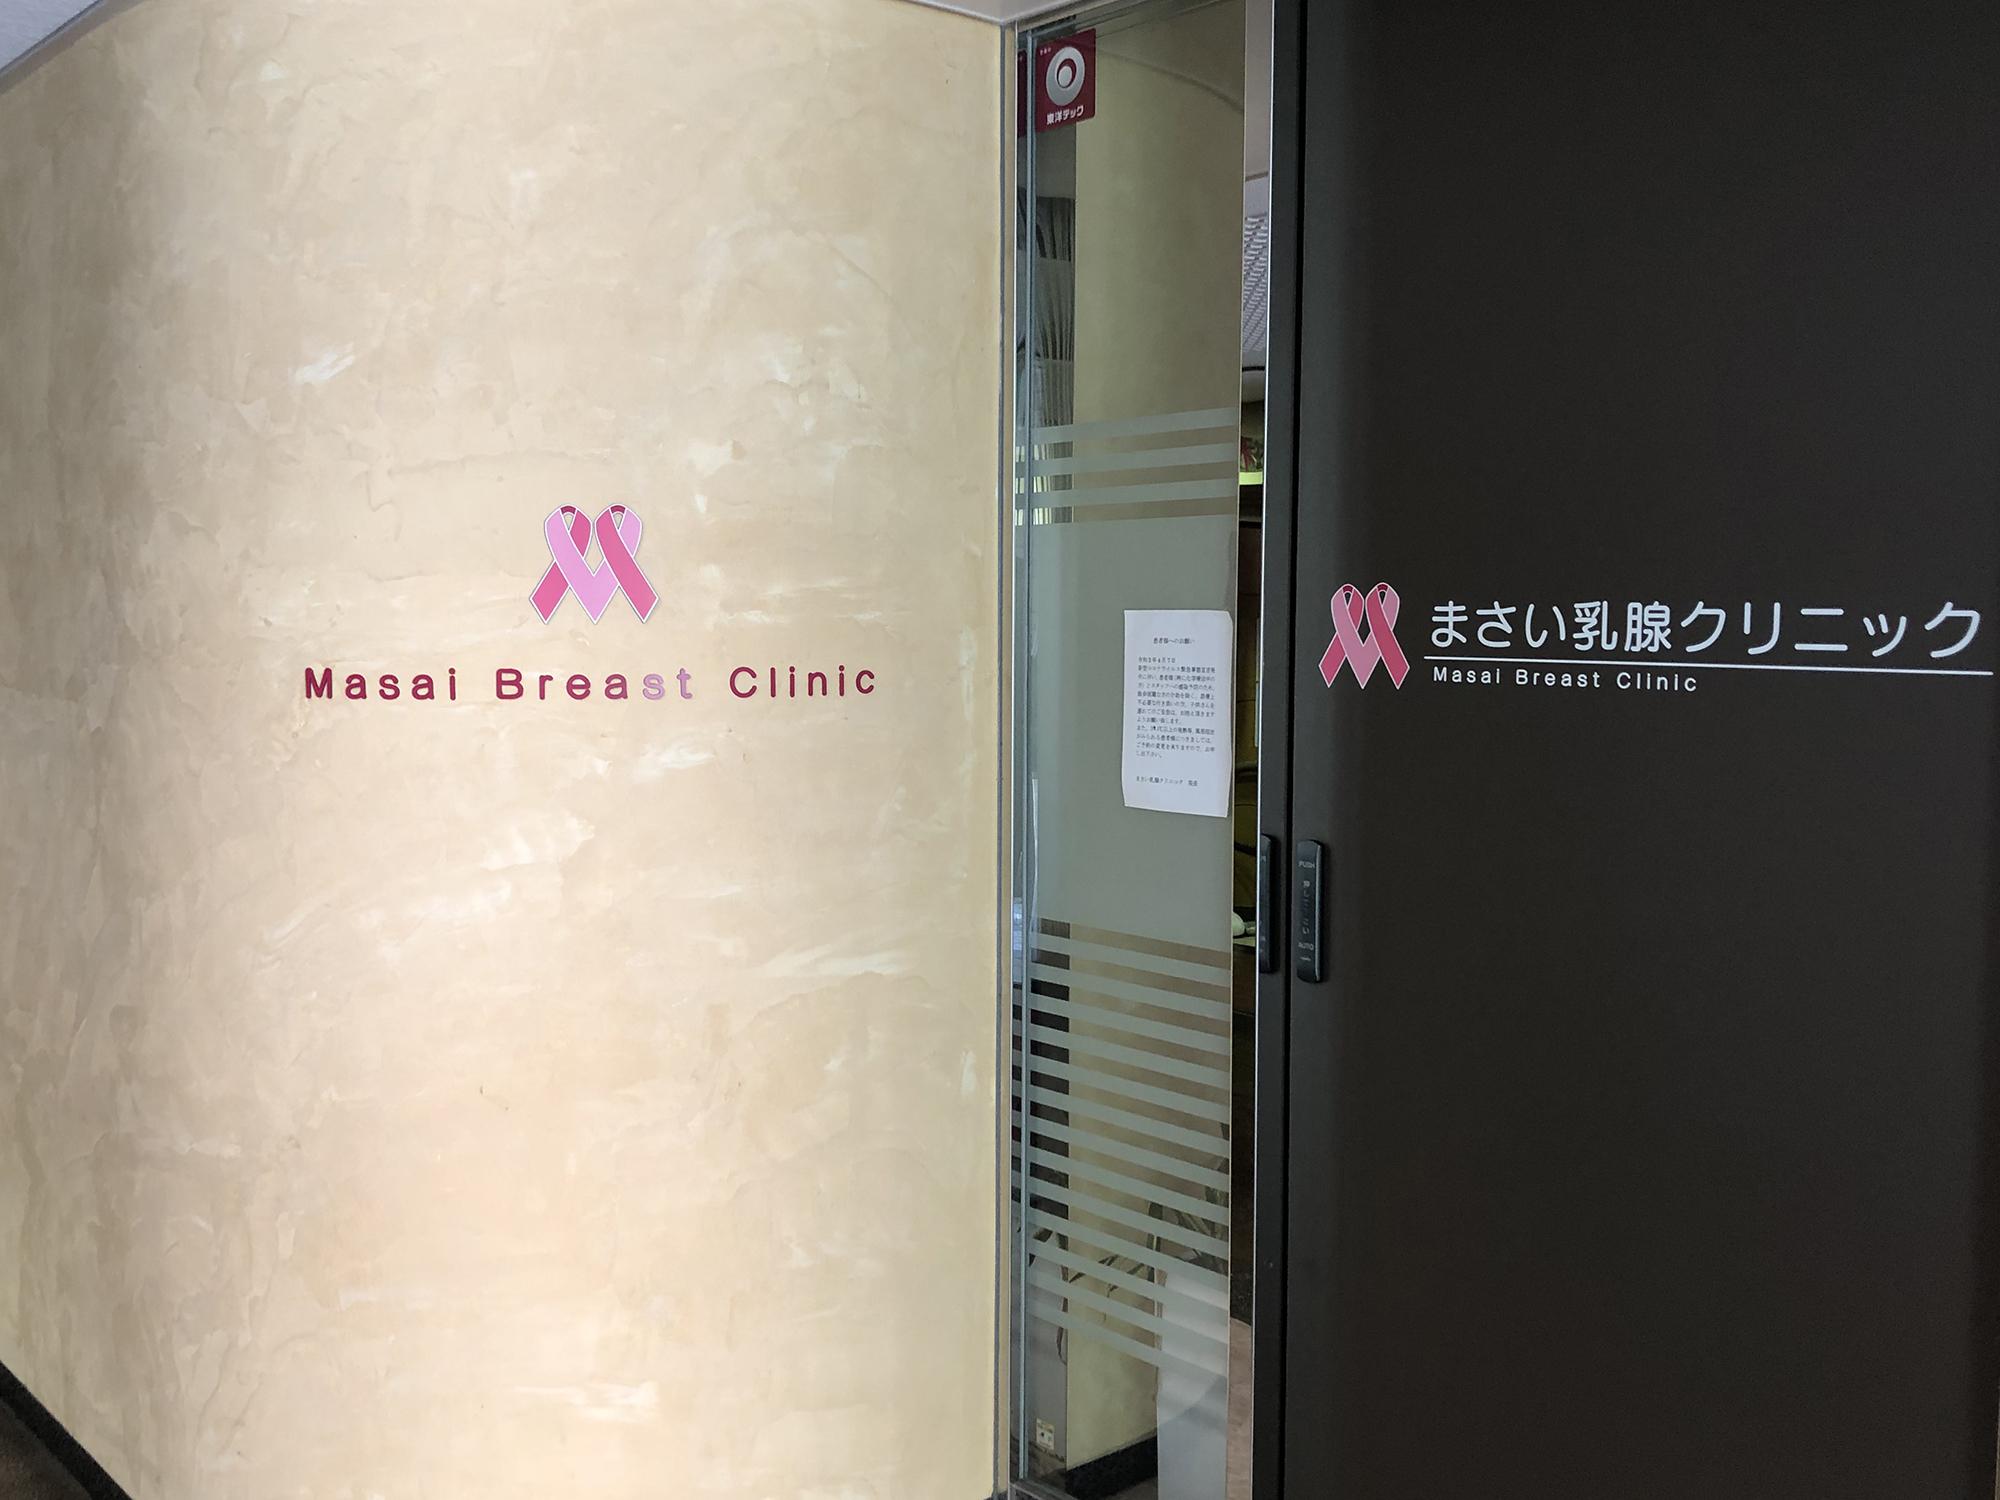 まさい乳腺クリニック